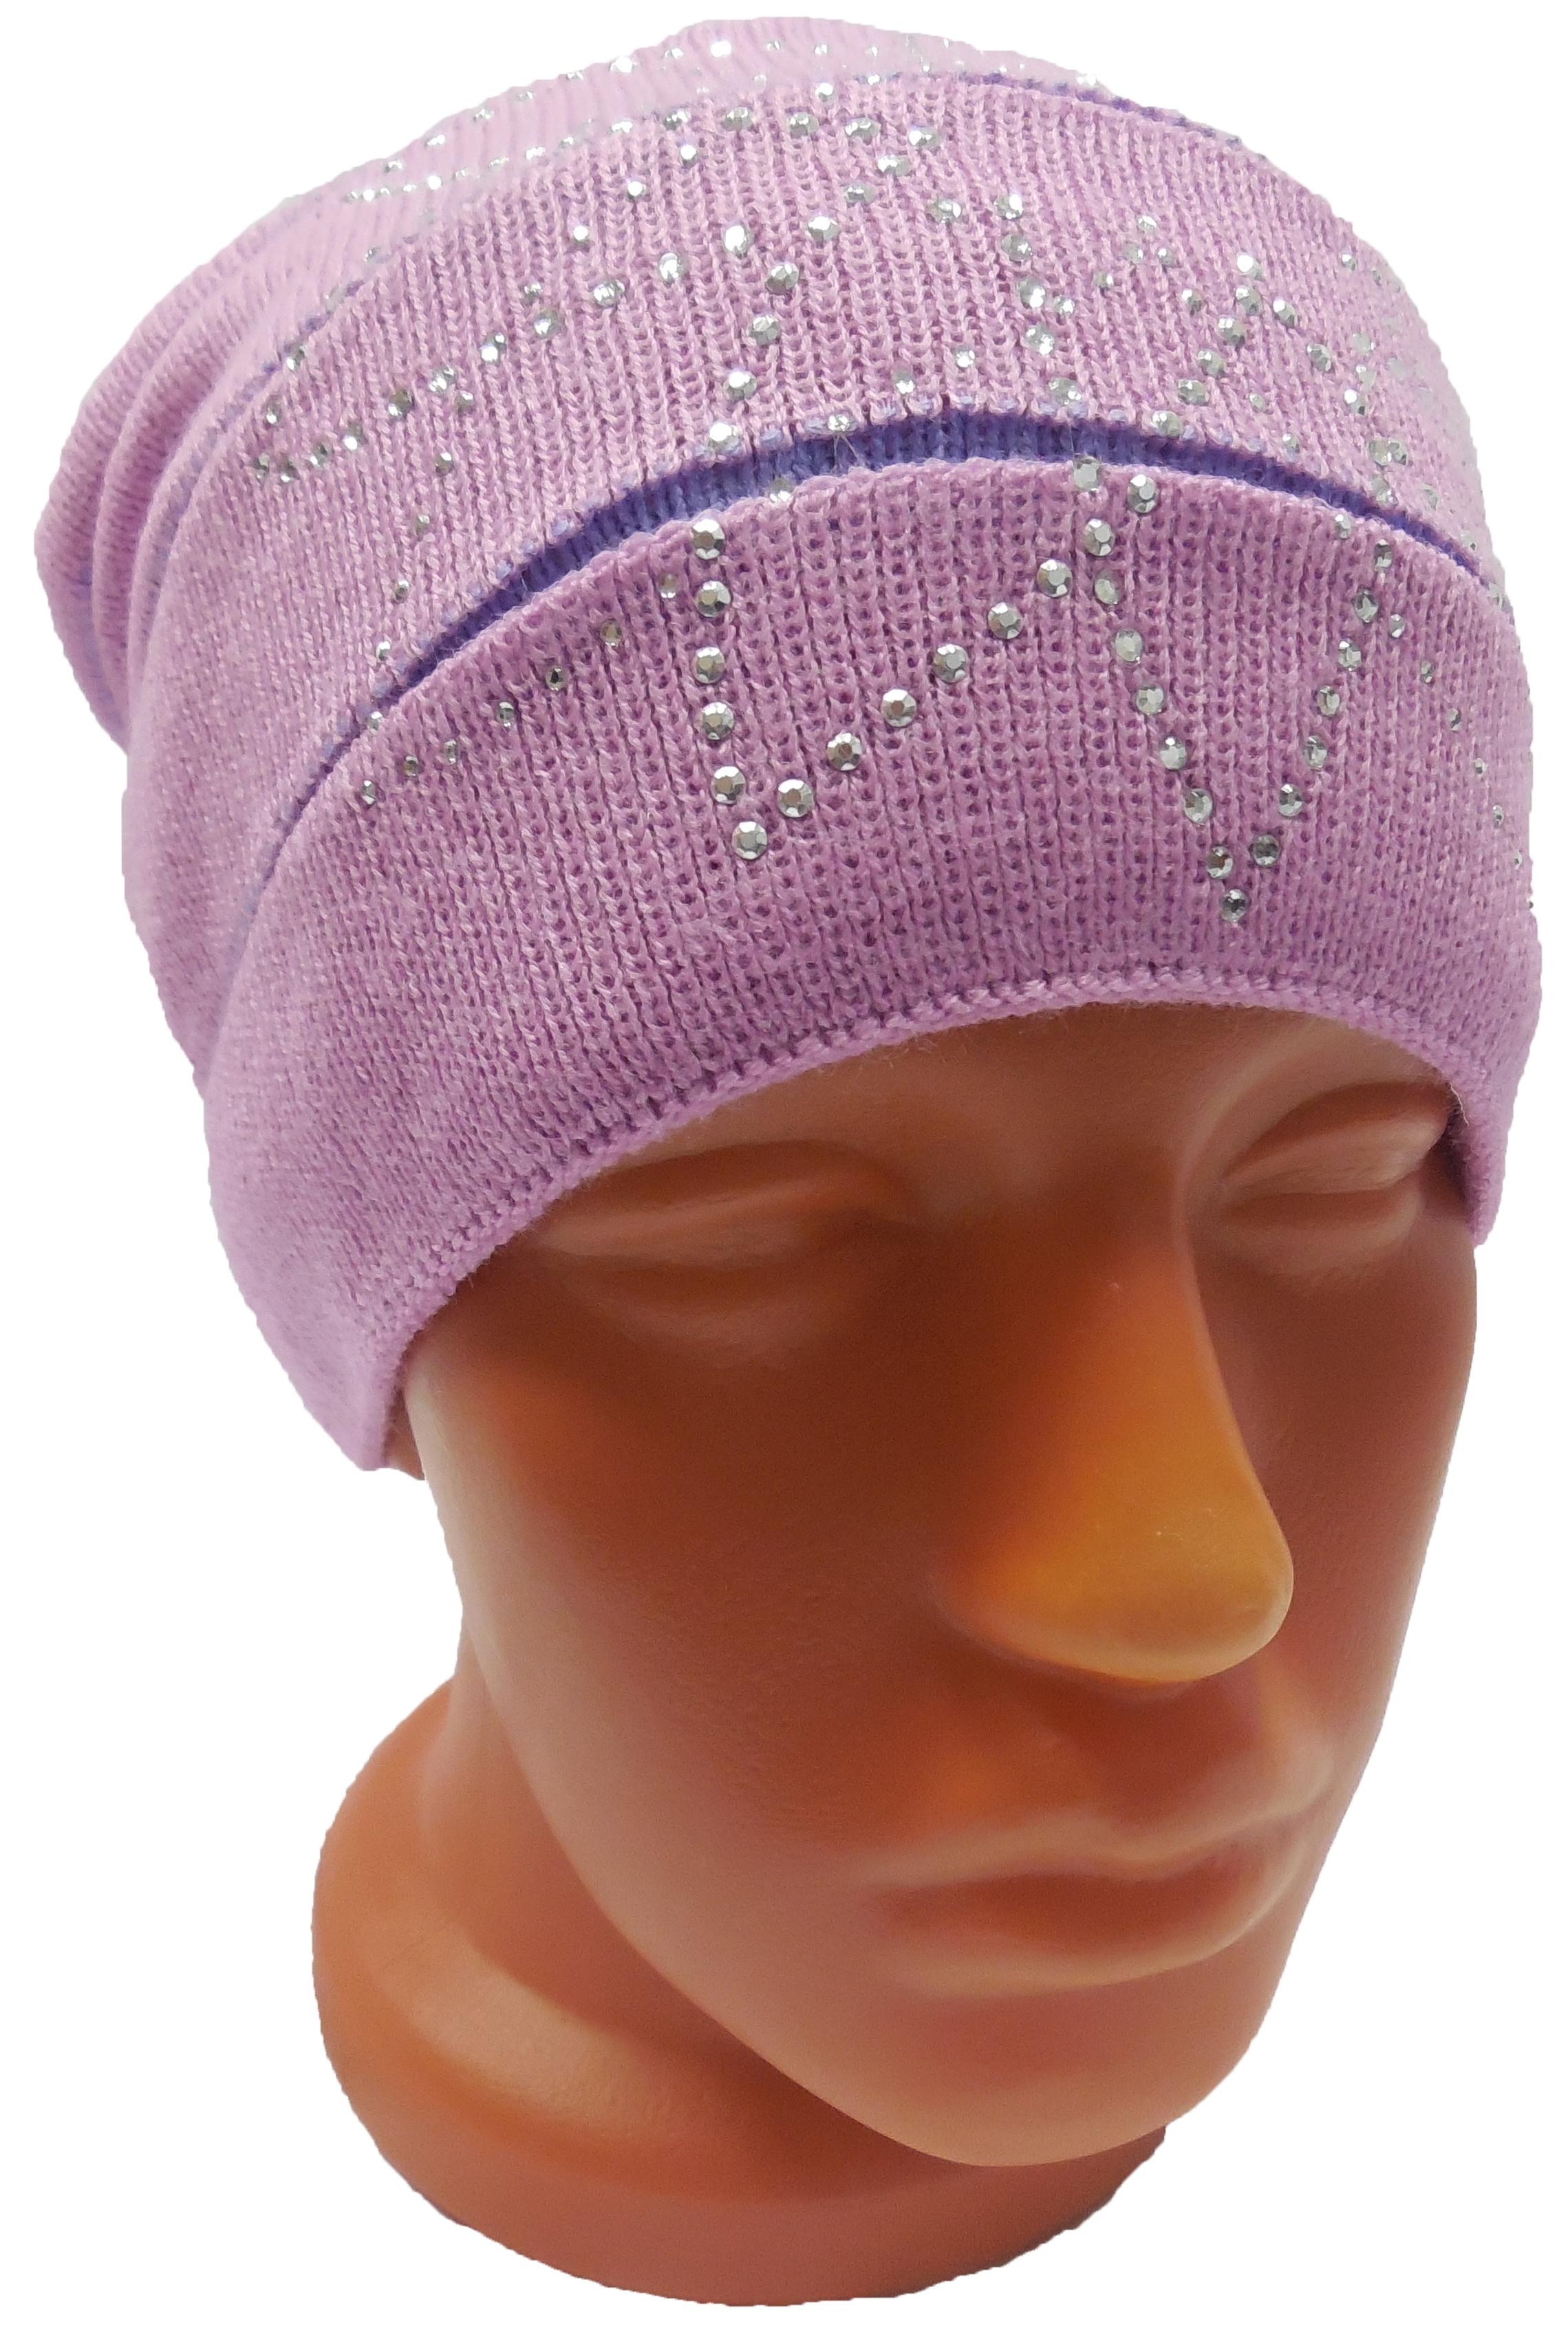 Головные уборы Индиго Шапка для девочки с пумпоном Индиго головные уборы индиго шапка индиго серая